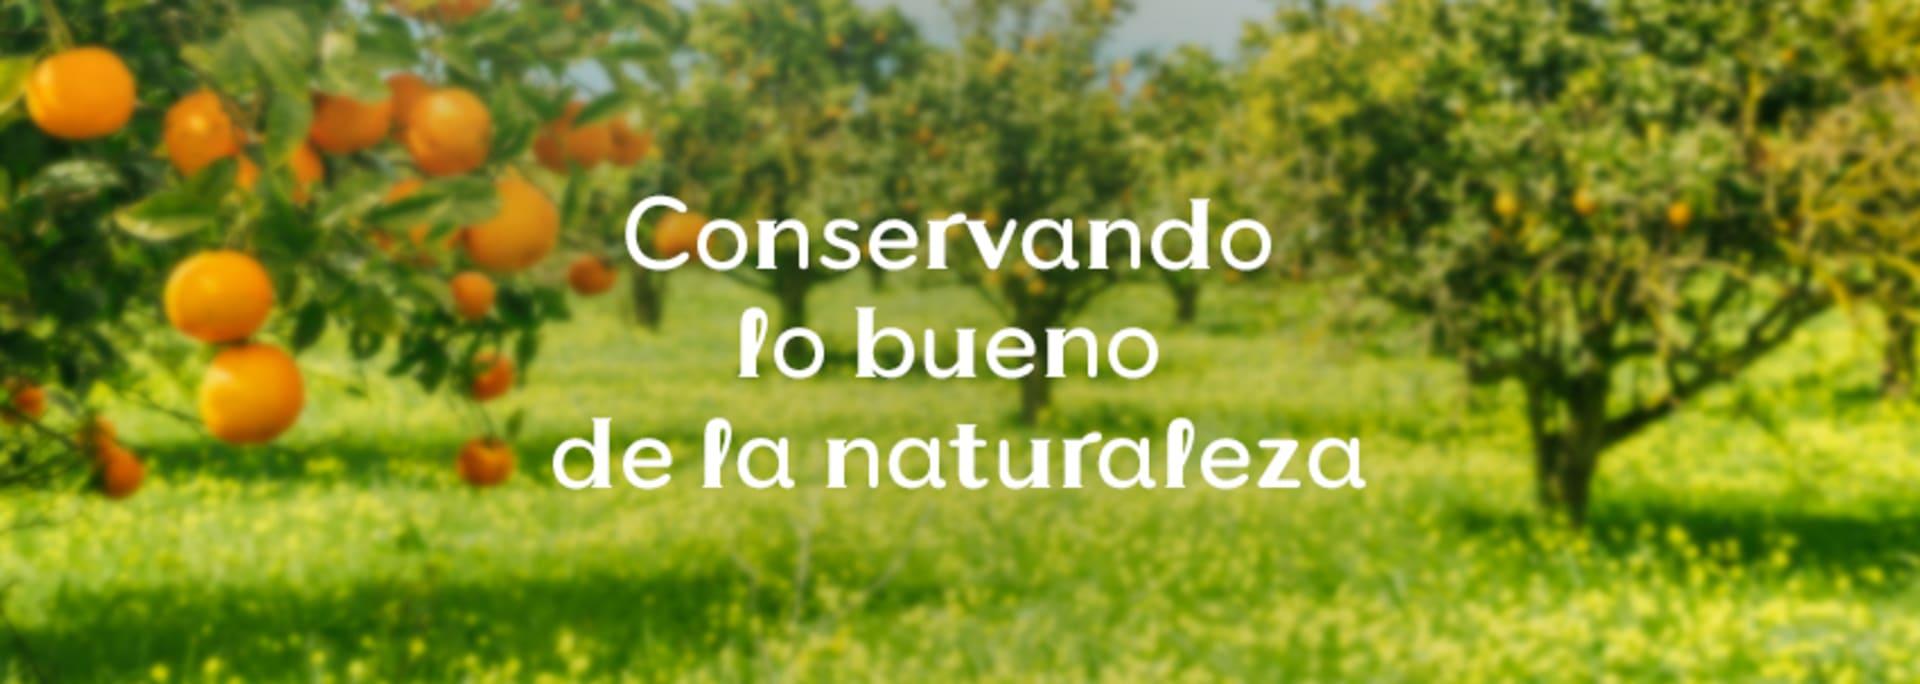 Conservando lo bueno de la naturaleza